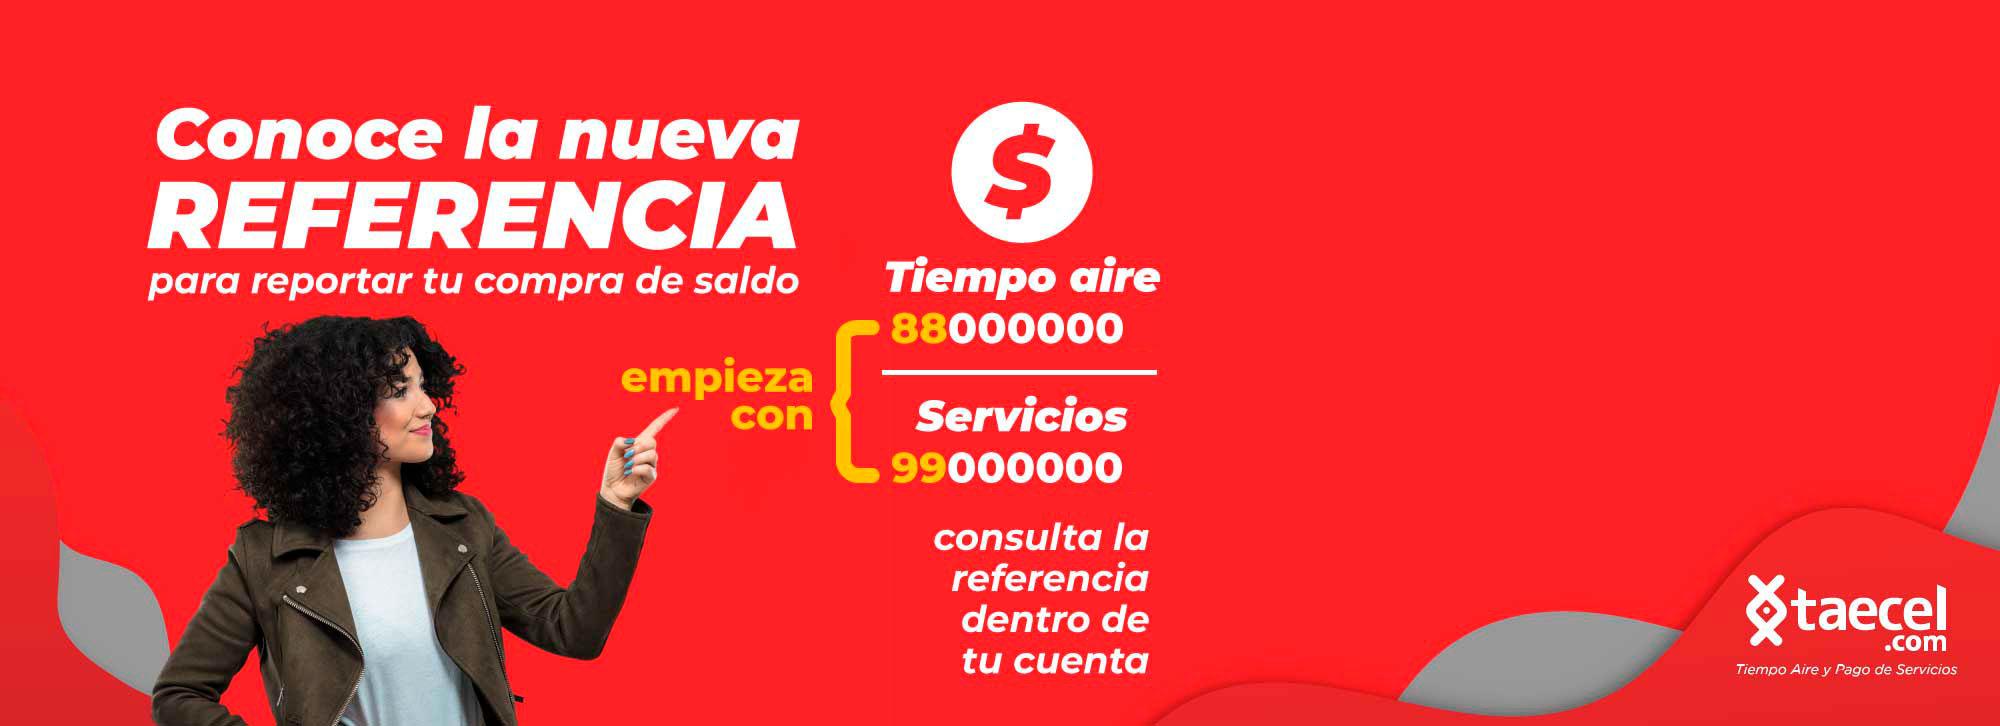 taecel.com te ofrece opciones adicionales para realizar tu compra de saldo telcel y de todas las compañias, si tu banco cerro o no puedes salir deposita en nuestra cuenta BANORTE y empeiza a vender recargas electronicas. referencia taecel movil